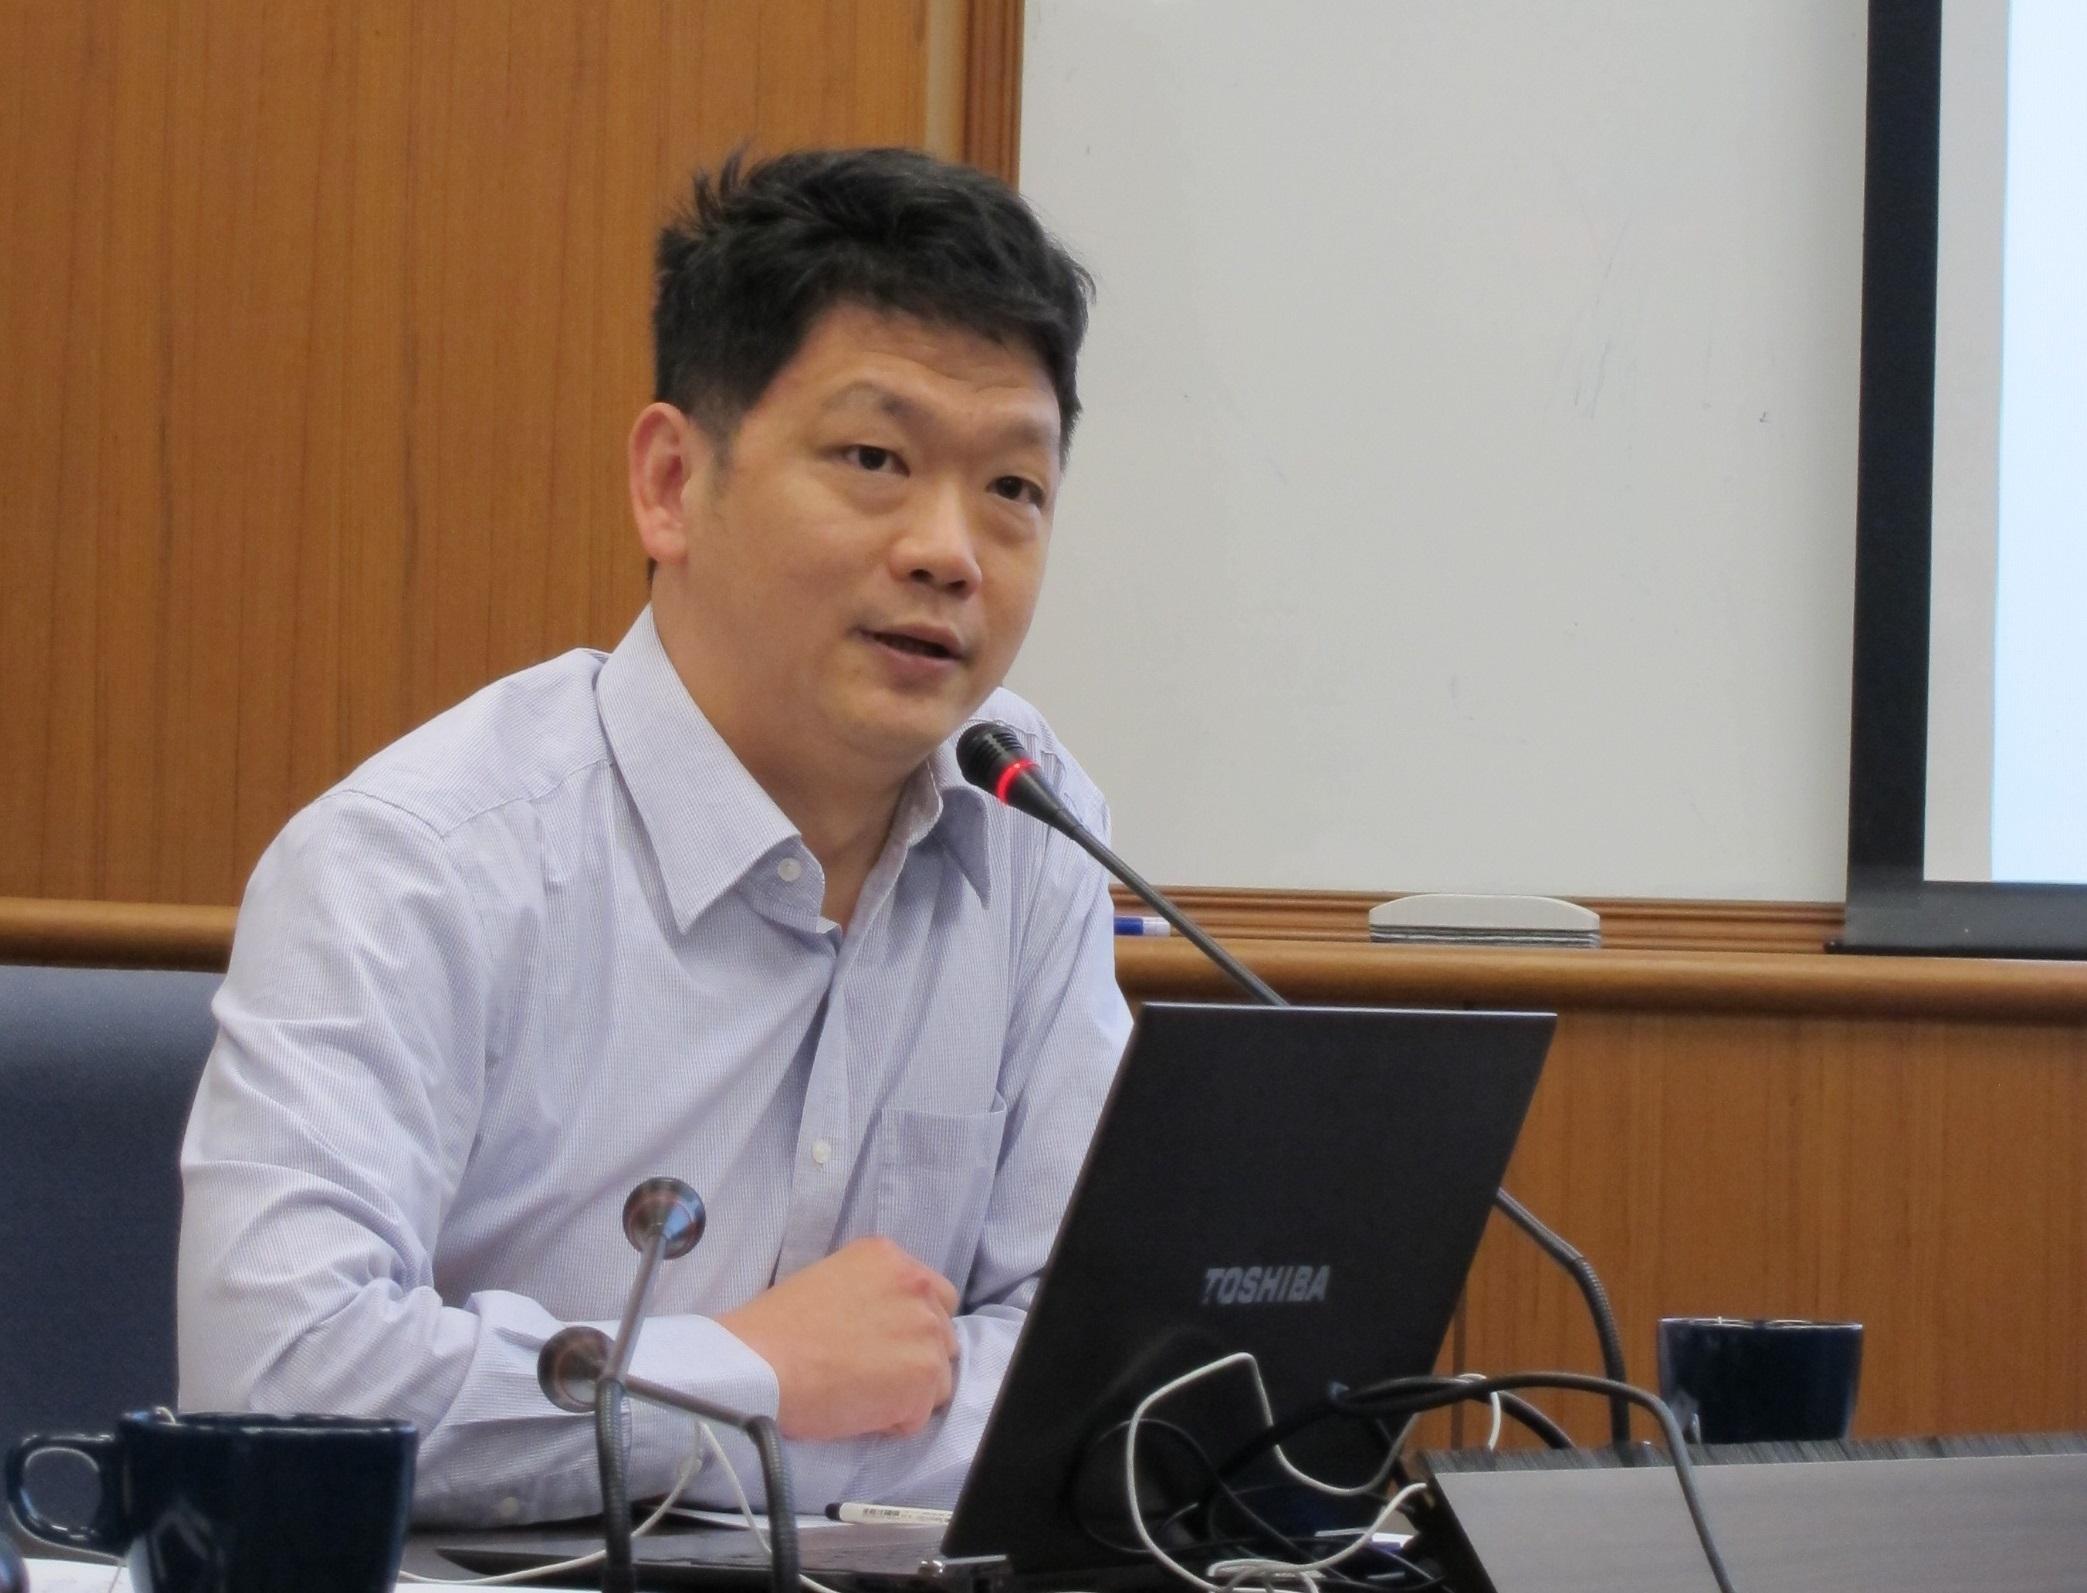 朱瑪瓏教授演講「十九世紀上海英文報紙裡的歐洲社會主義運動」紀要